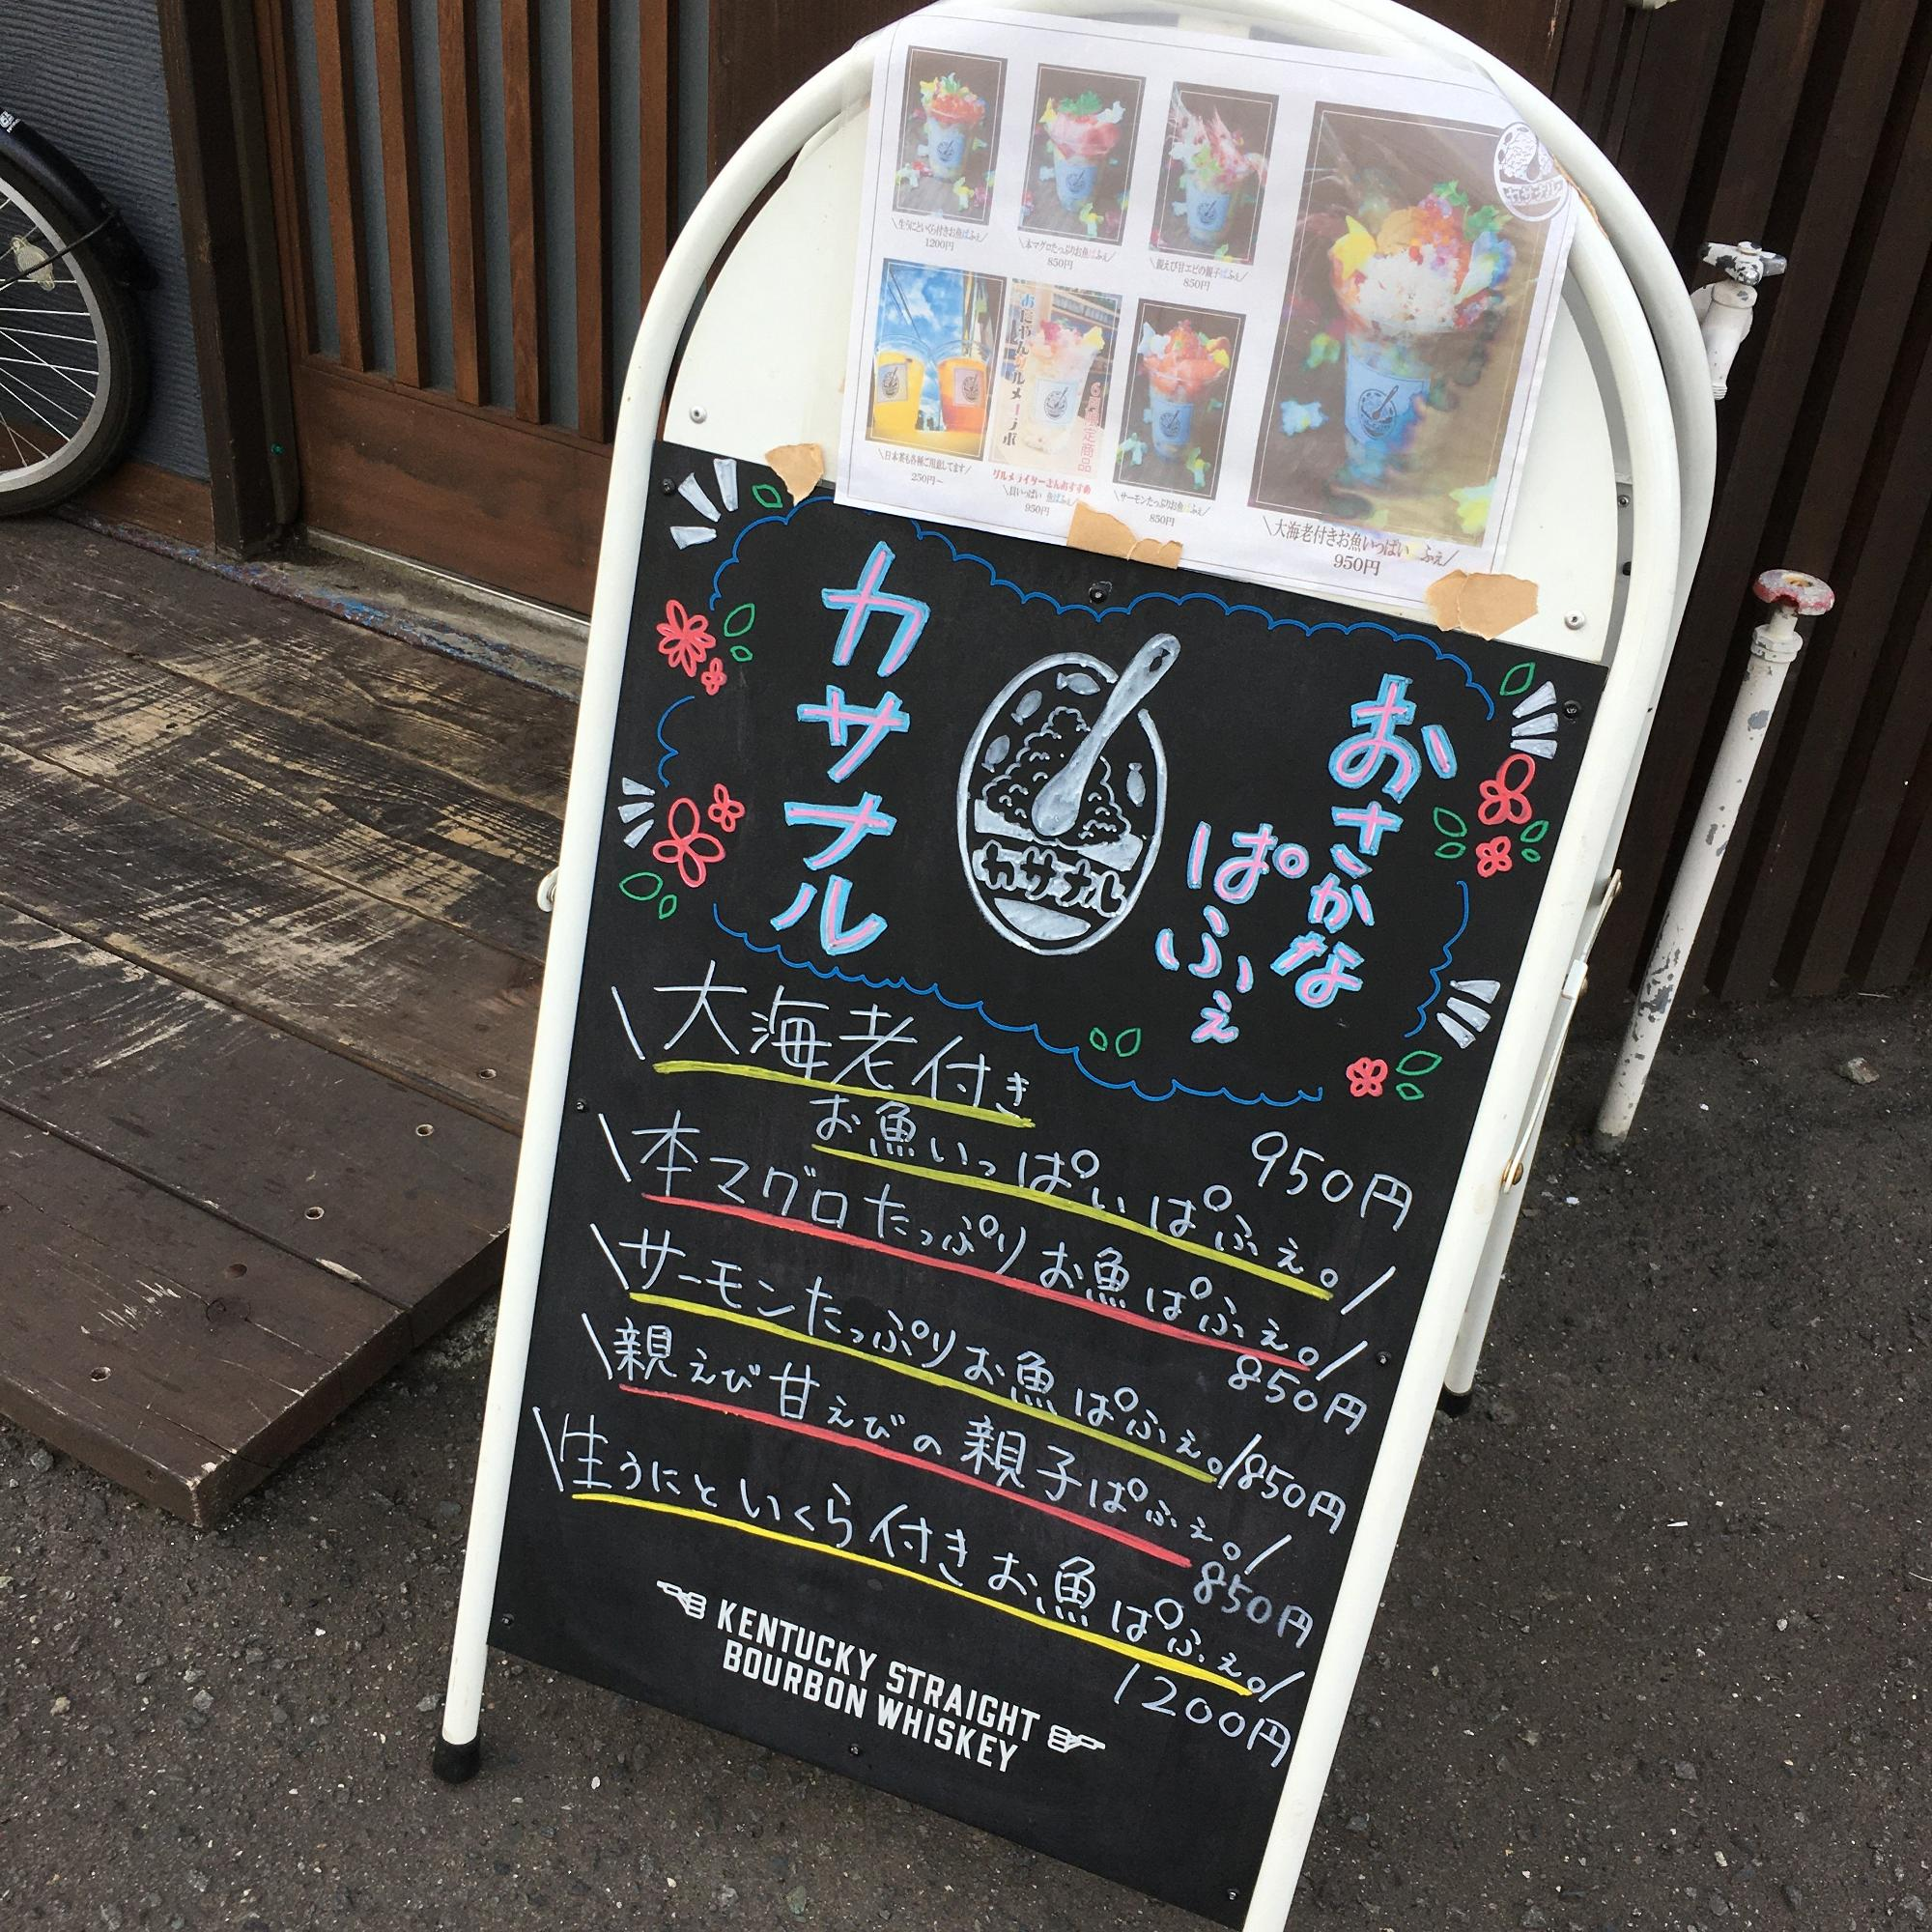 とても気になる「お魚ぱふぇ カサナル」の看板